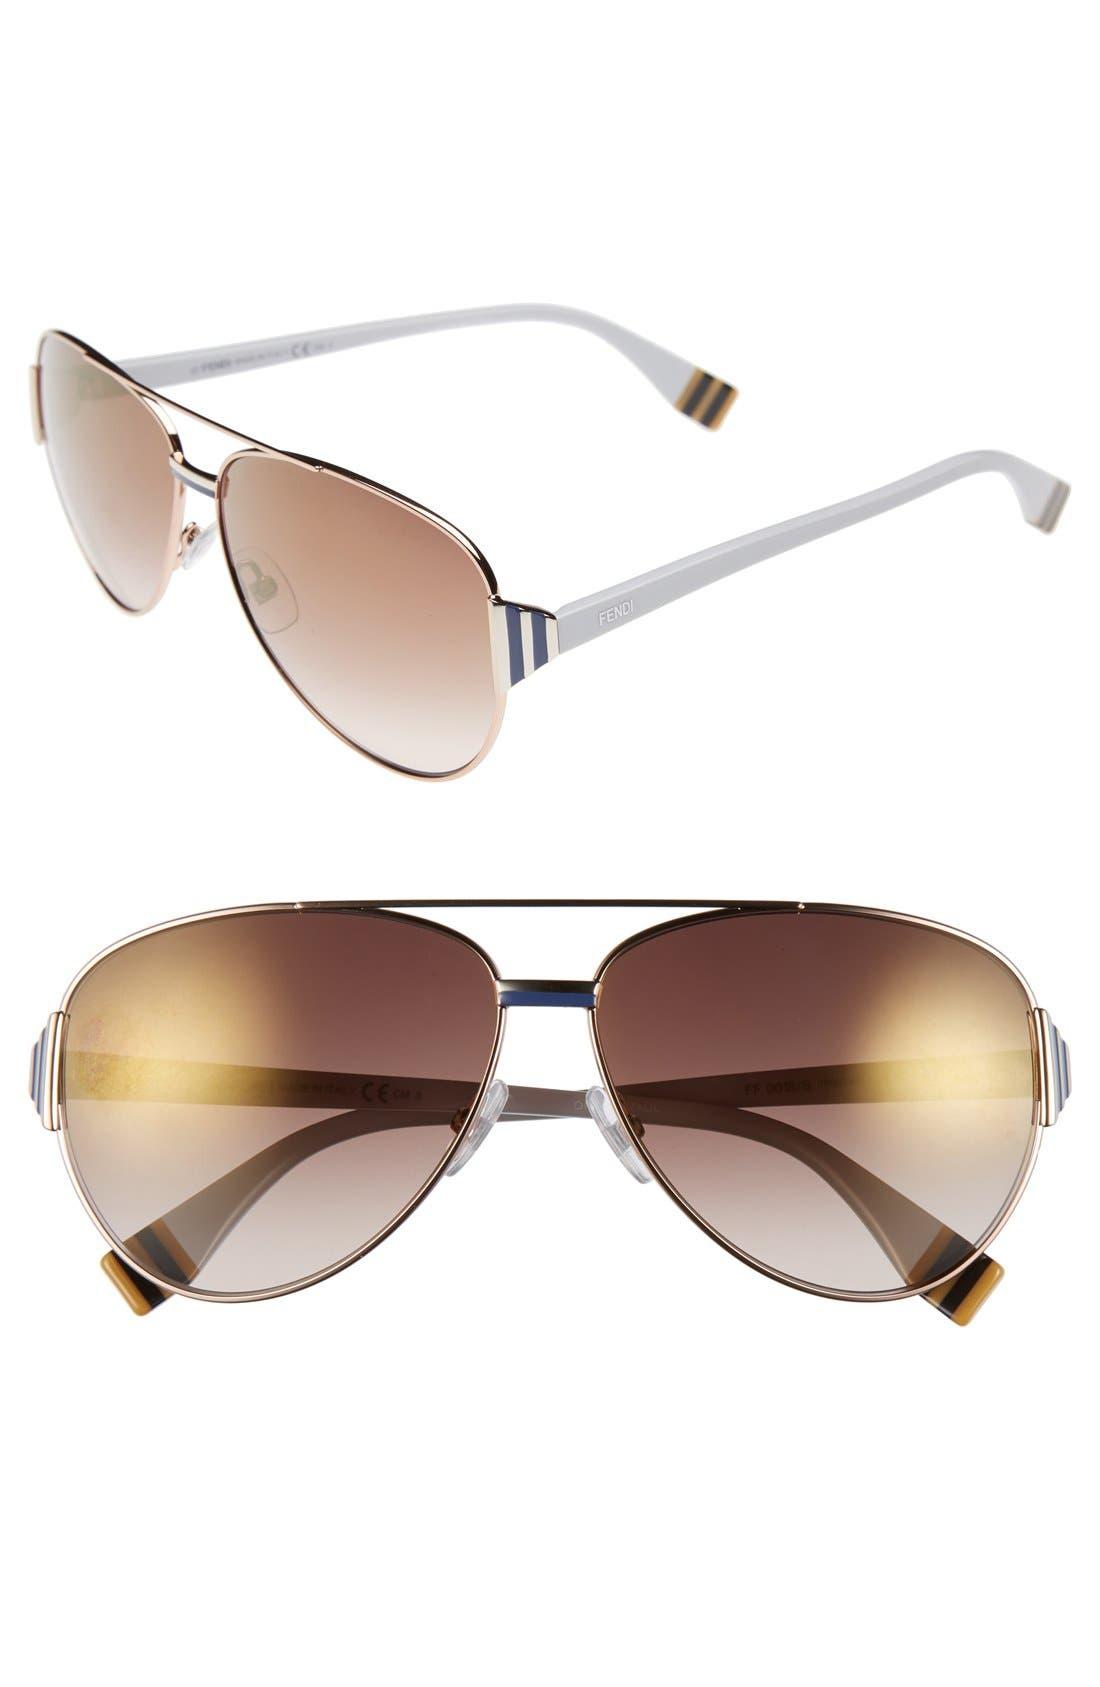 Main Image - Fendi 60mm Aviator Sunglasses